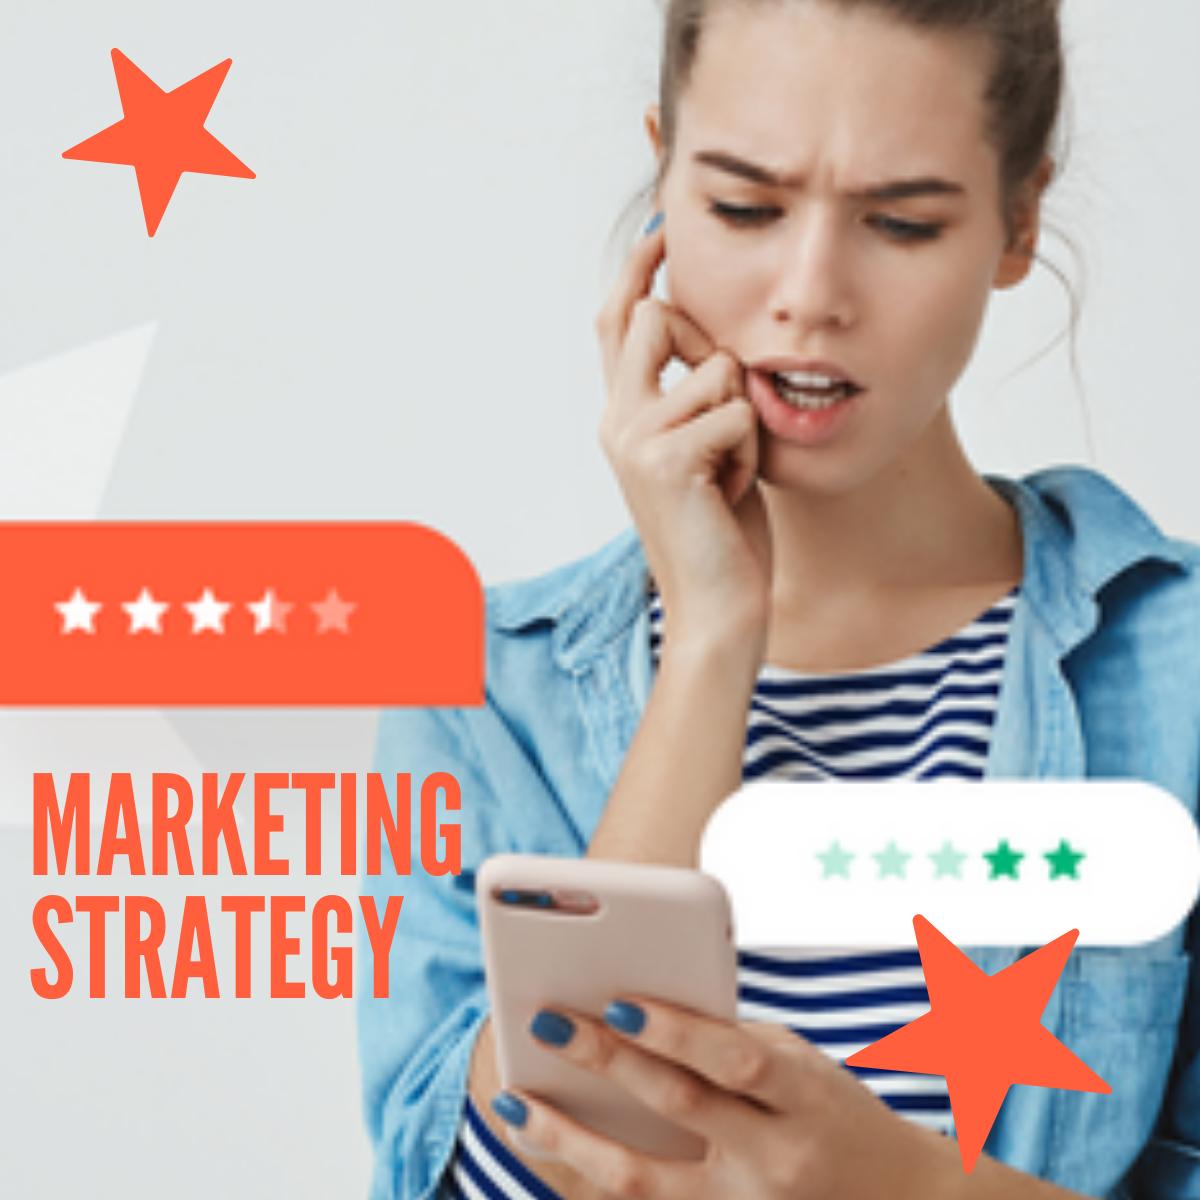 Quais são os impactos das avaliações dos clientes em sua estratégia de marketing?